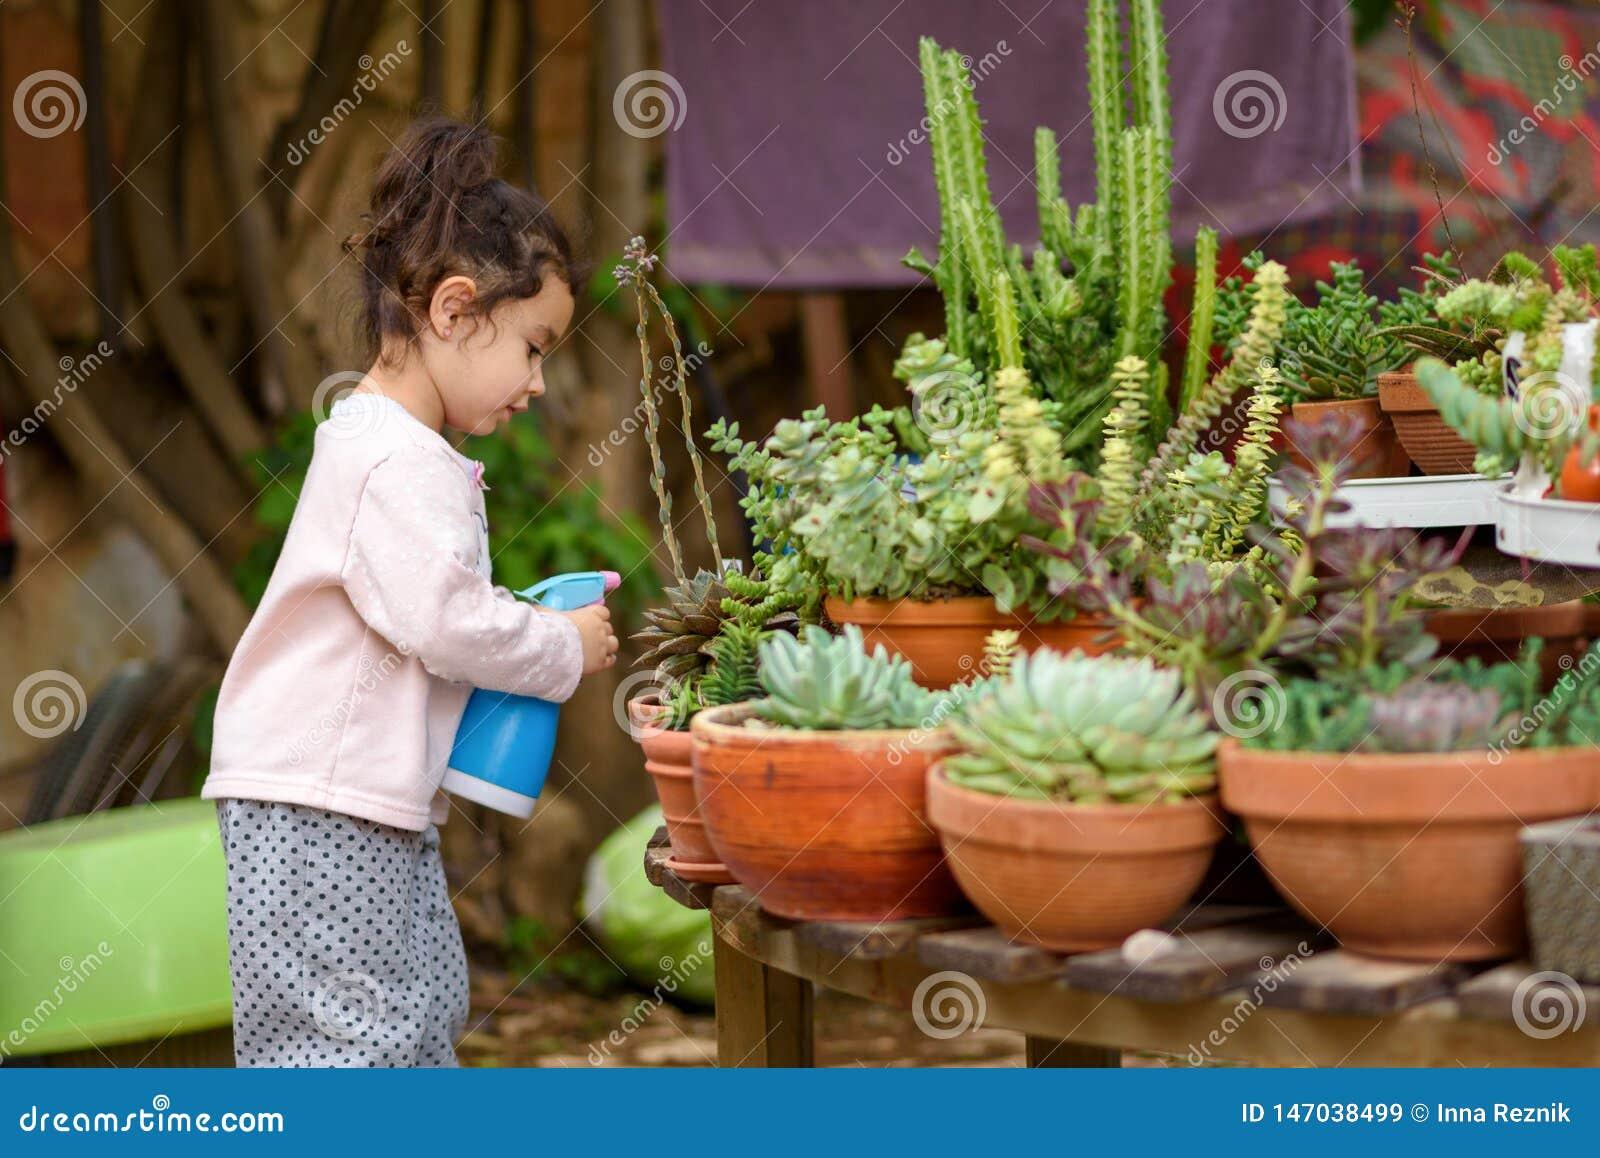 Потеха лета: Немногое сад красивой девушки моча